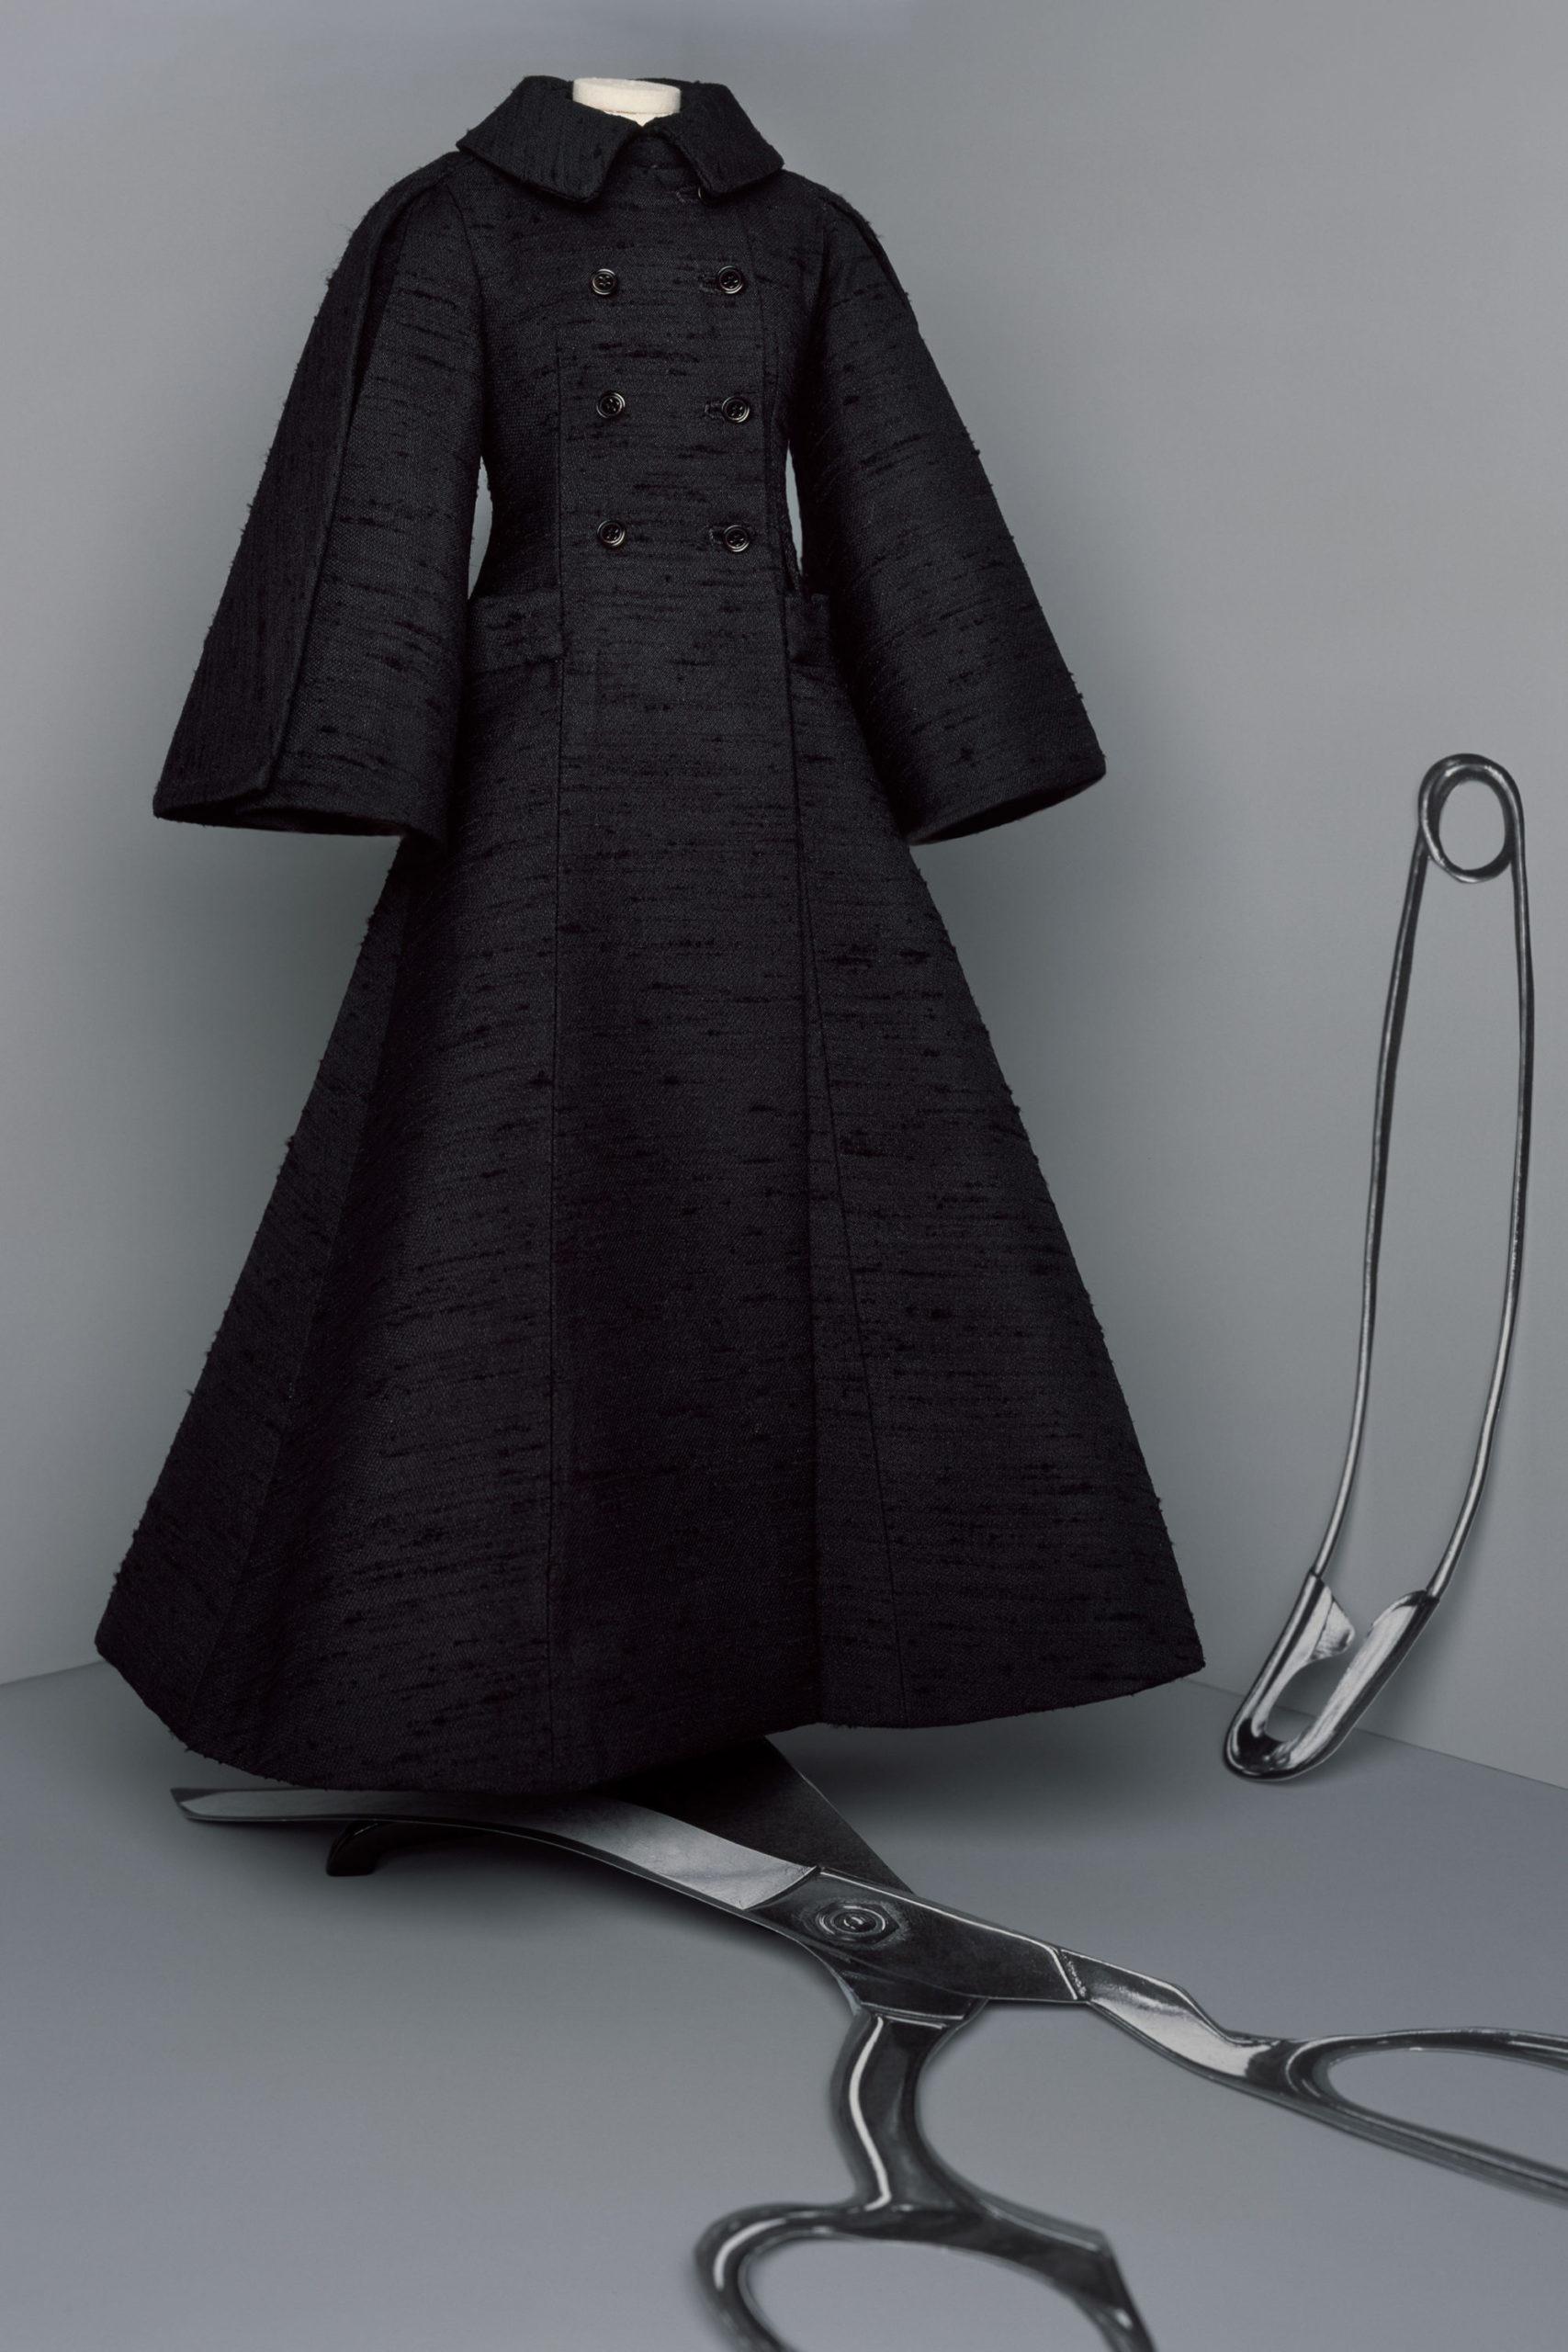 Платье с расклешёнными рукавами от Christian Dior кутюр модель 2021 года